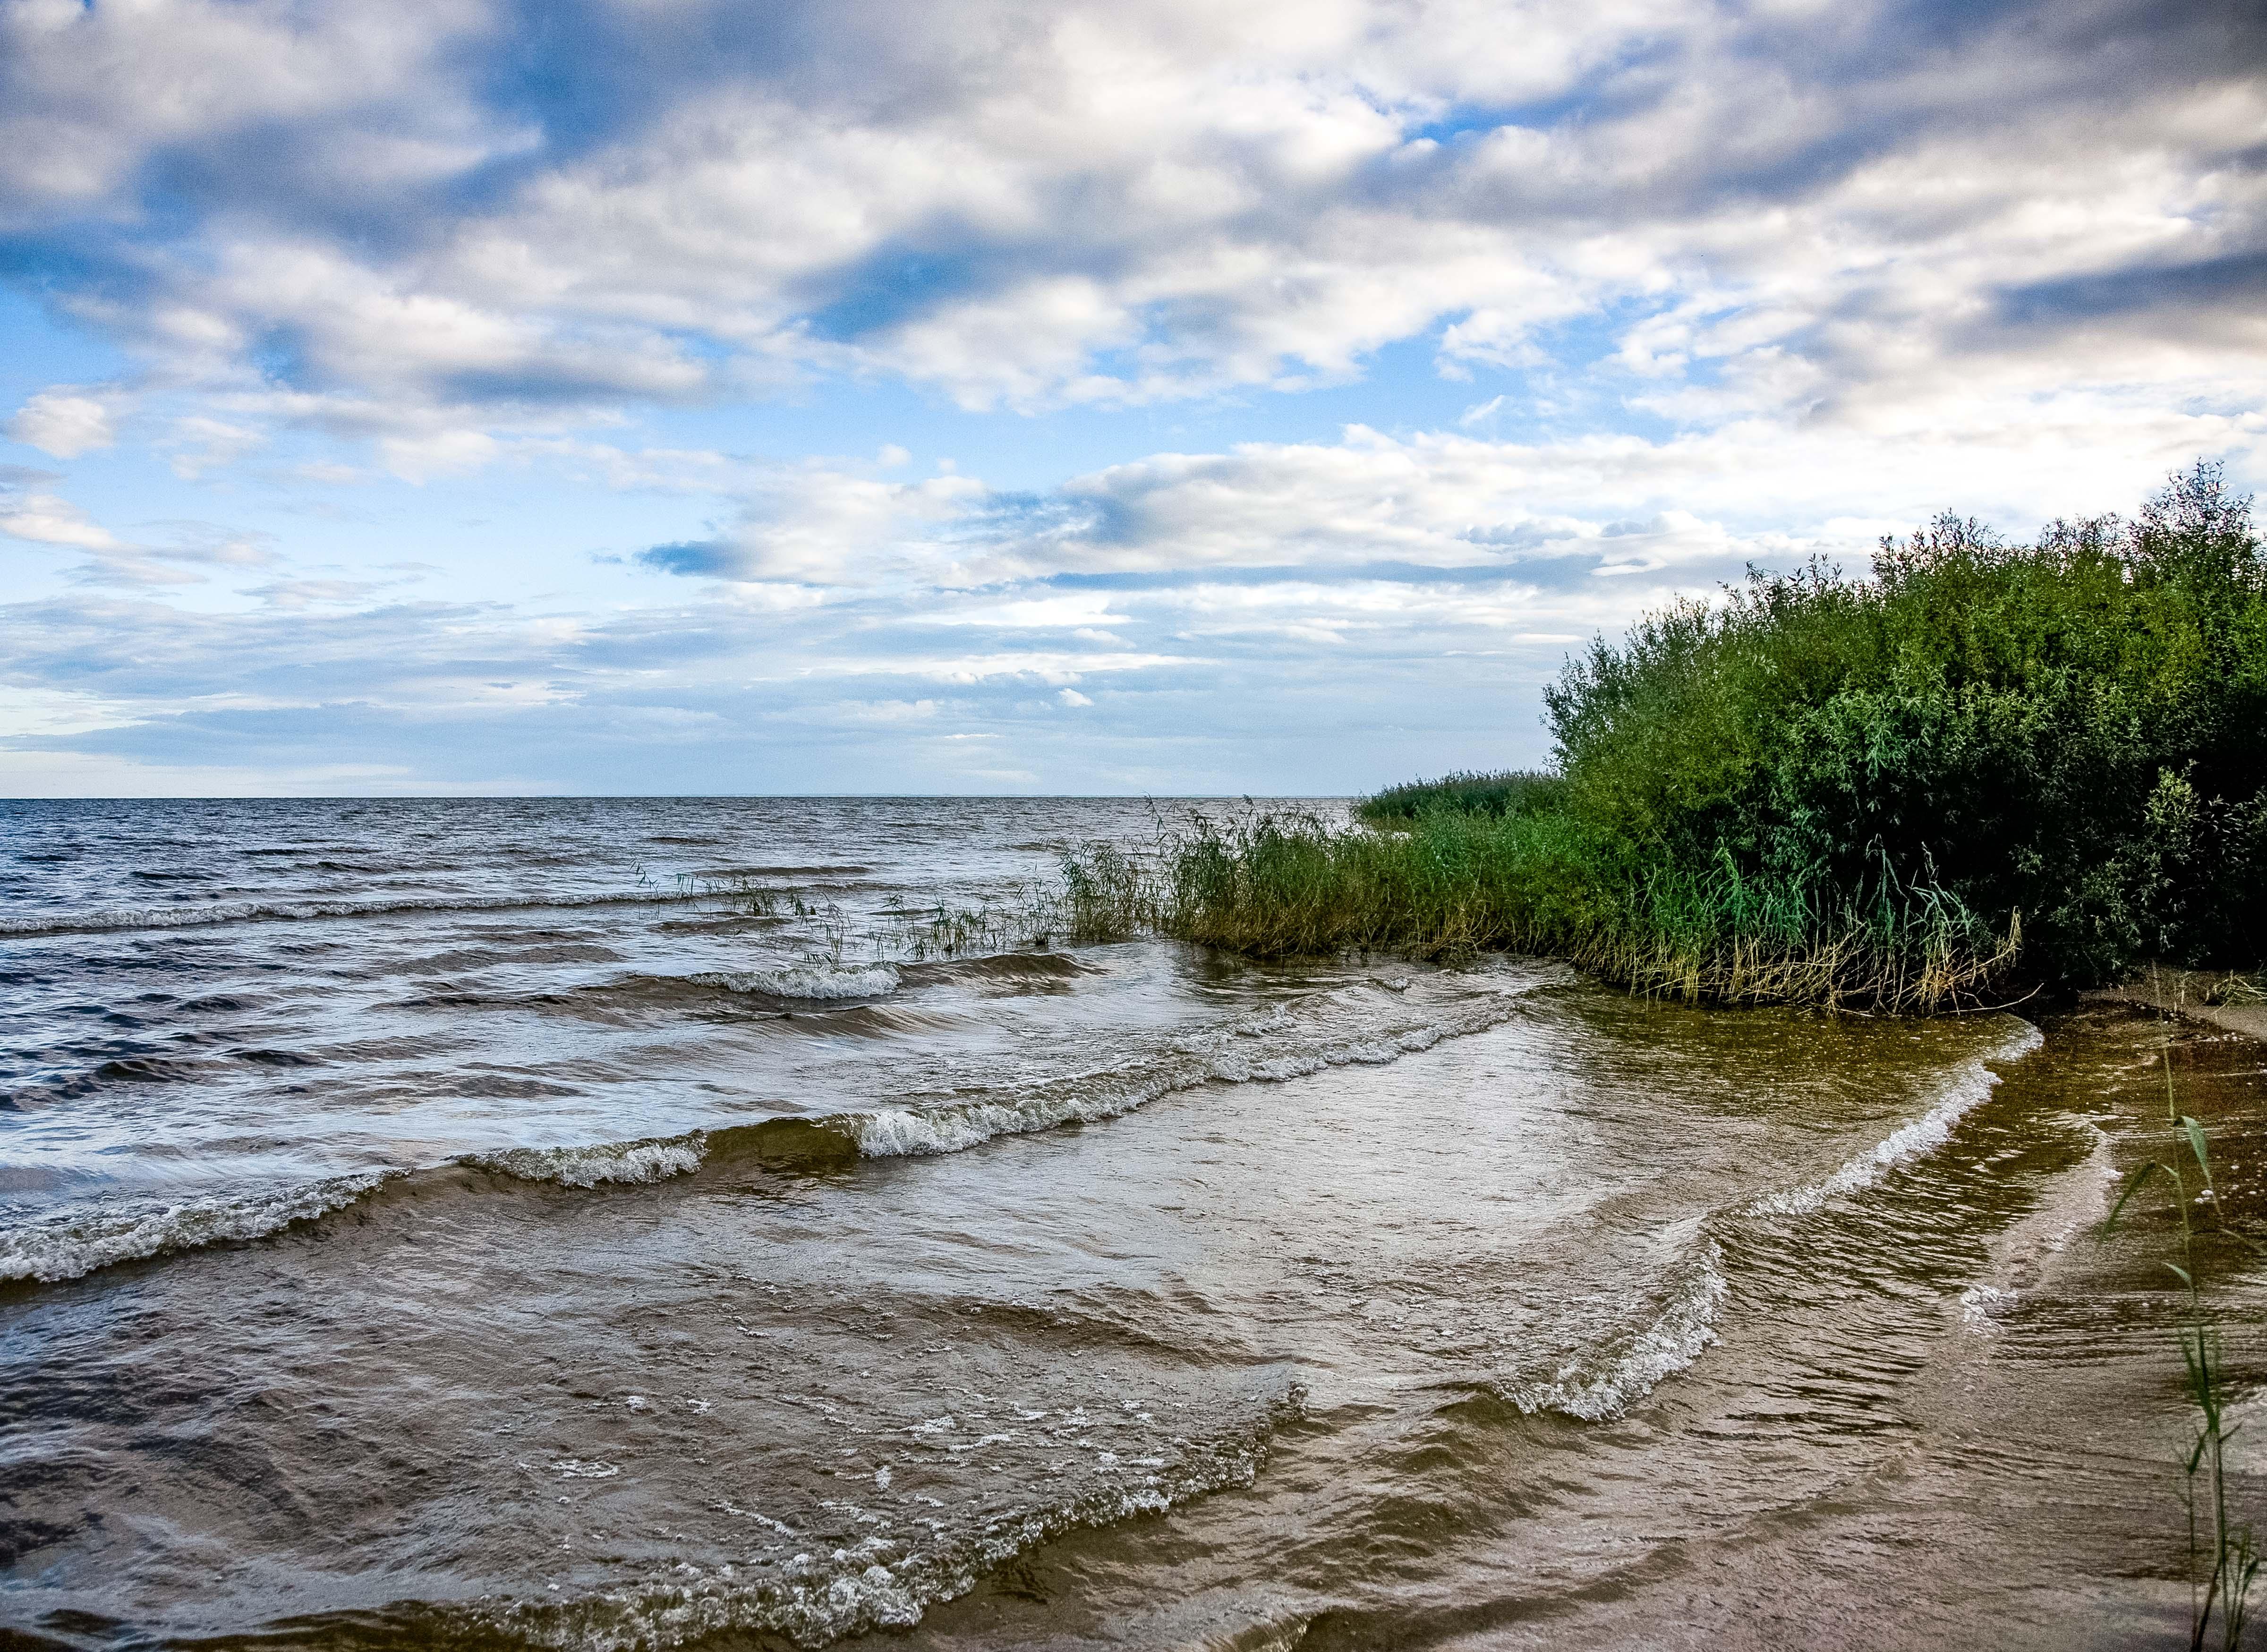 Estonia, Ida-Virumaa Prov, Lake, 2010, IMG_0789